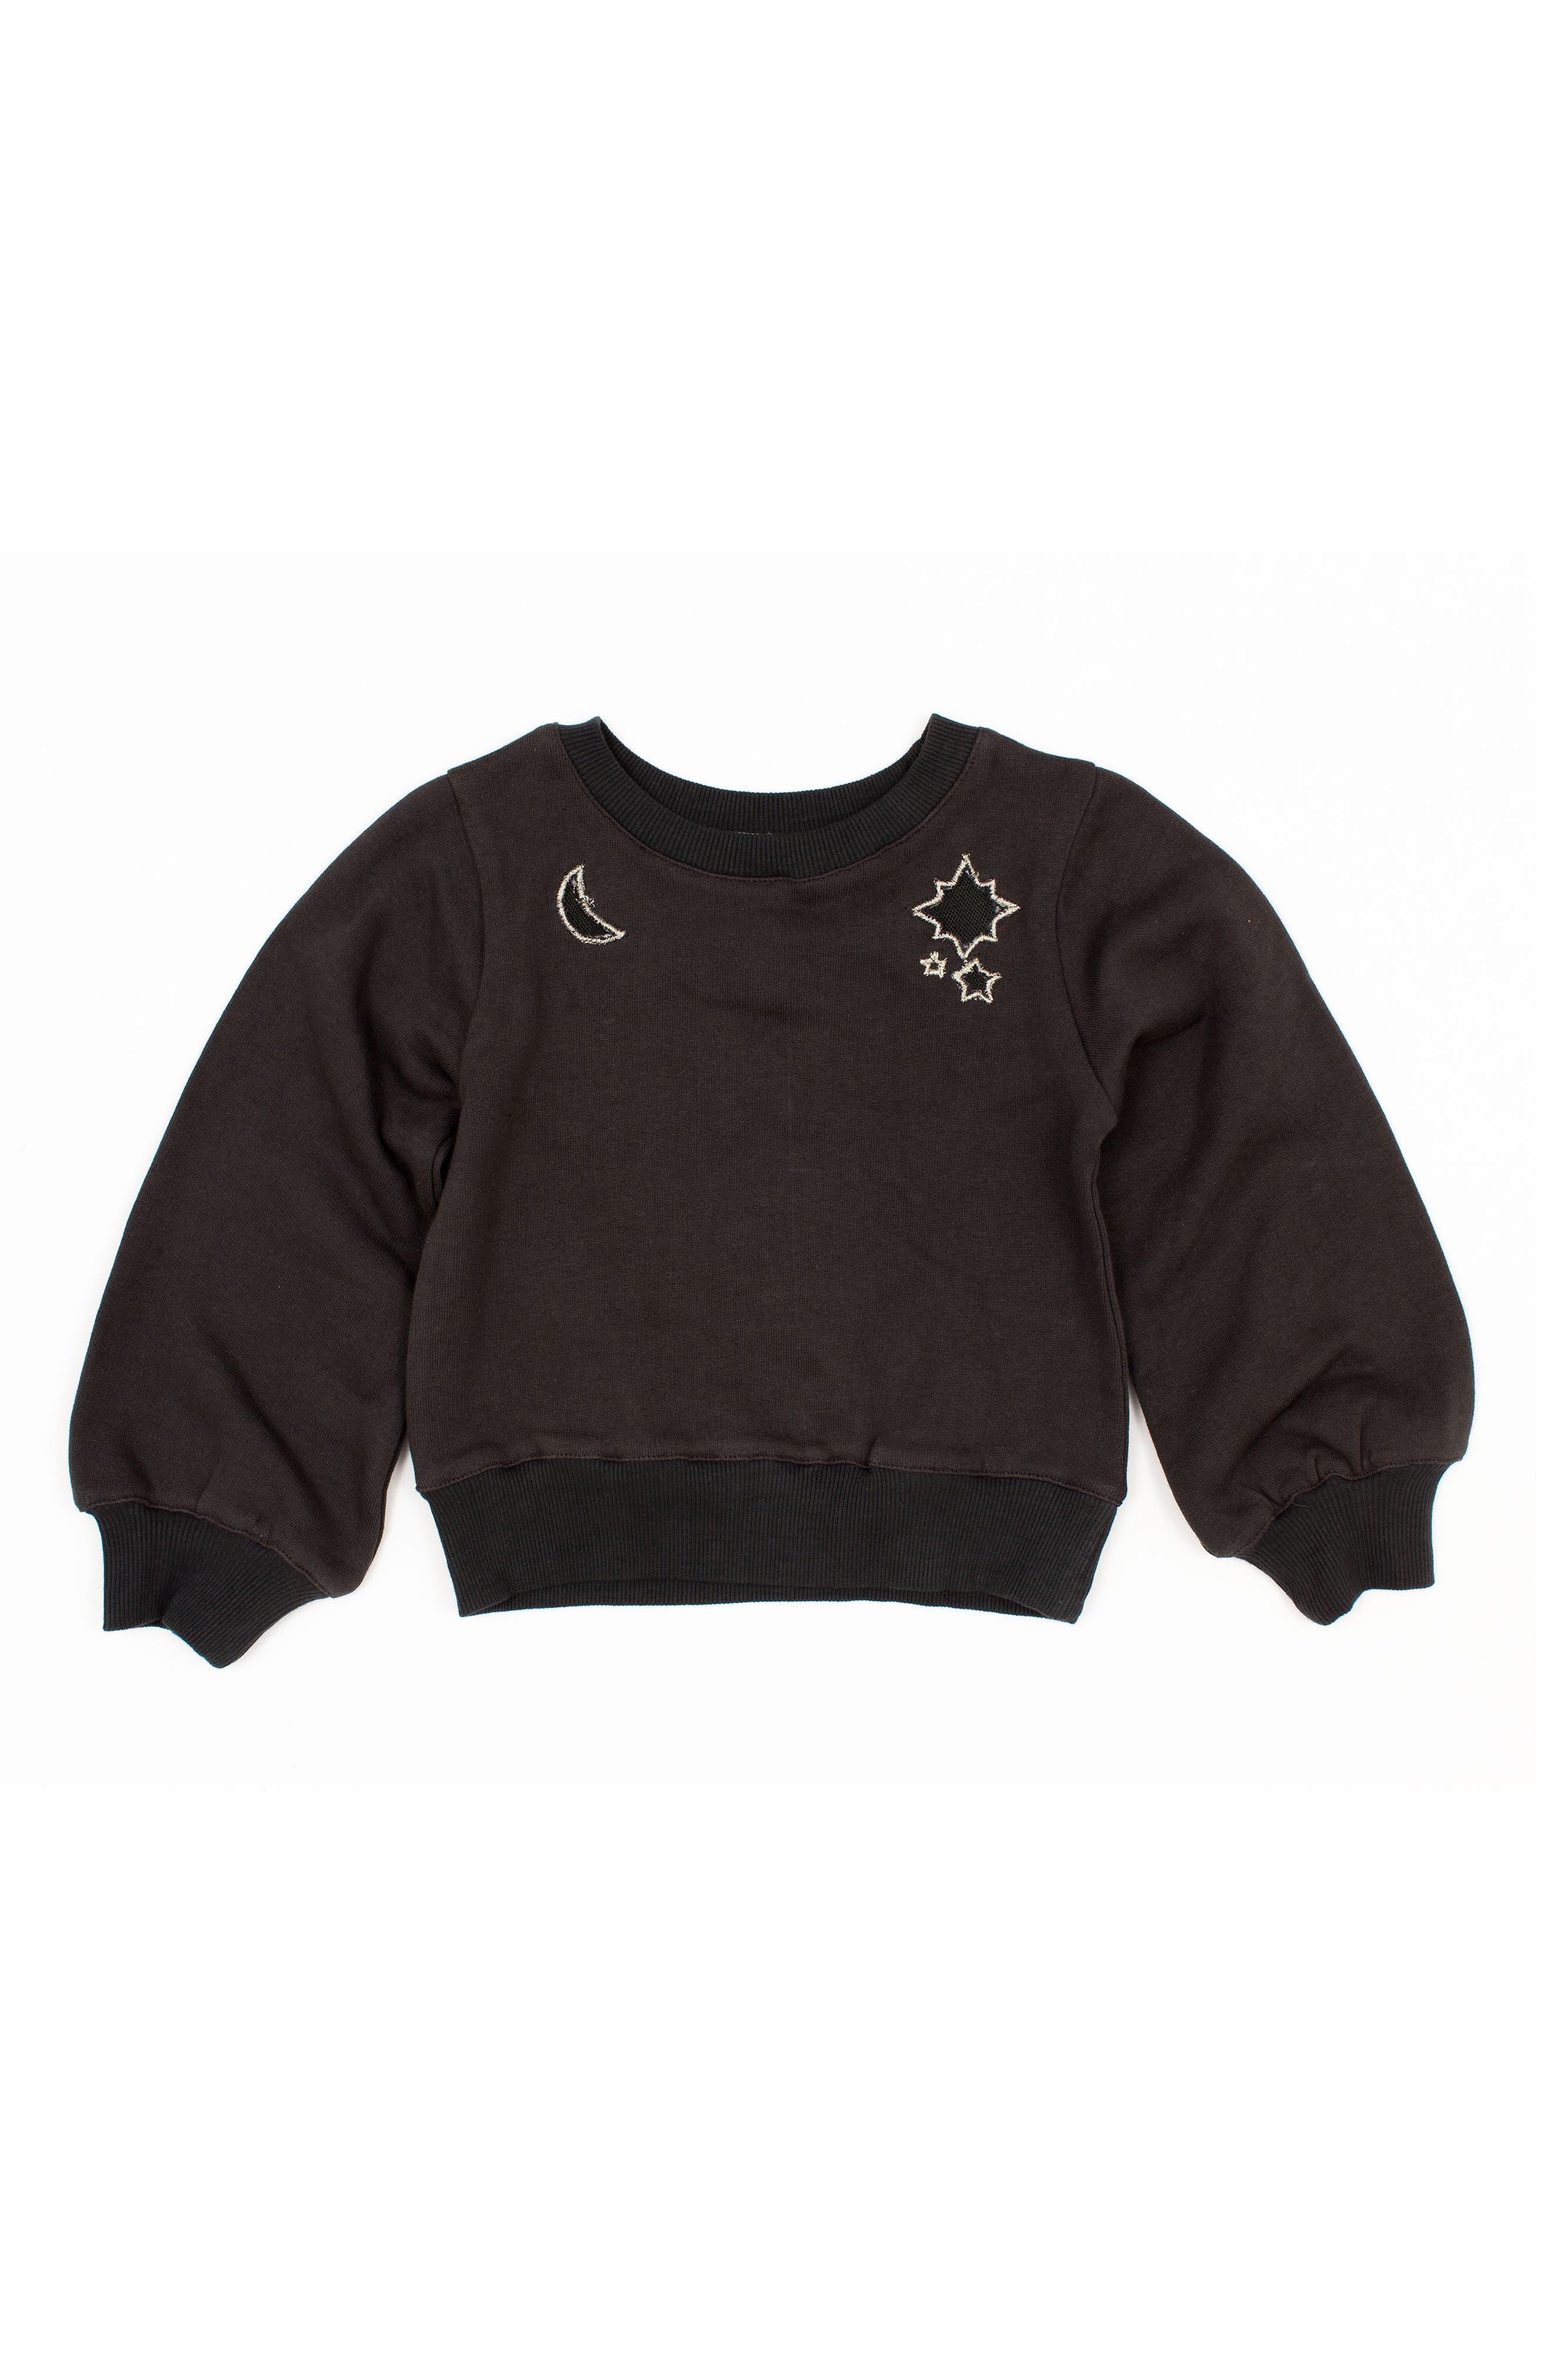 BOWIE X JAMES Alchemy Sweatshirt (Toddler Girls, Little Girls & Big Girls)